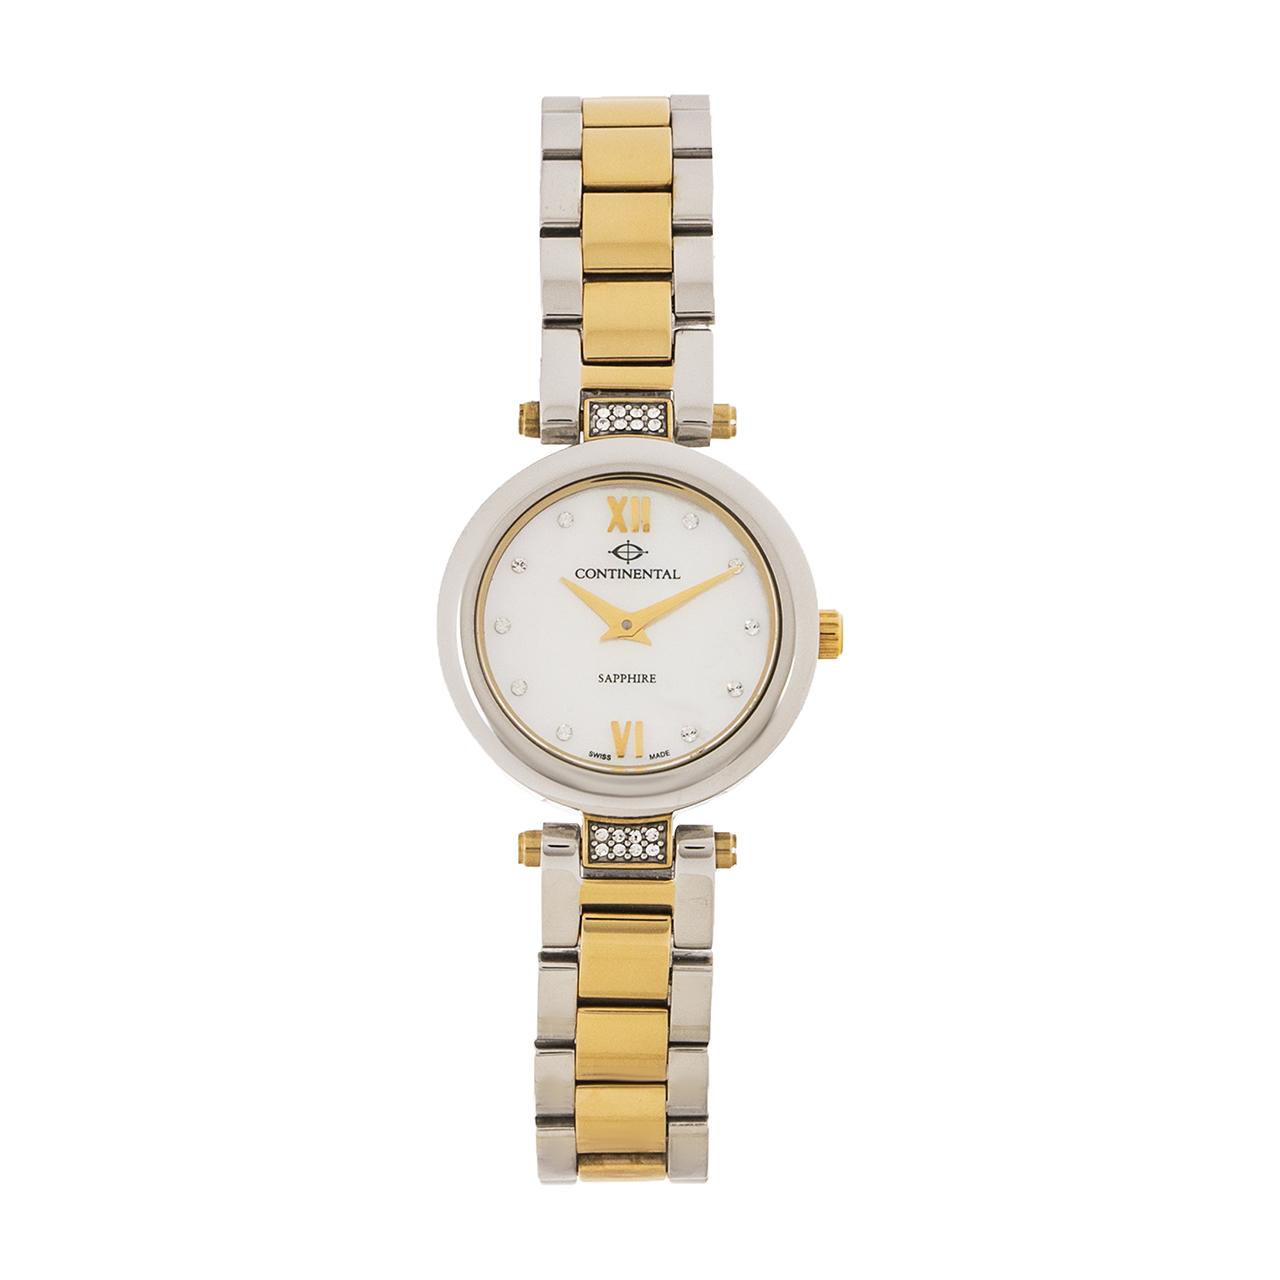 ساعت مچی عقربه ای زنانه کنتیننتال مدل 13001-245D 8